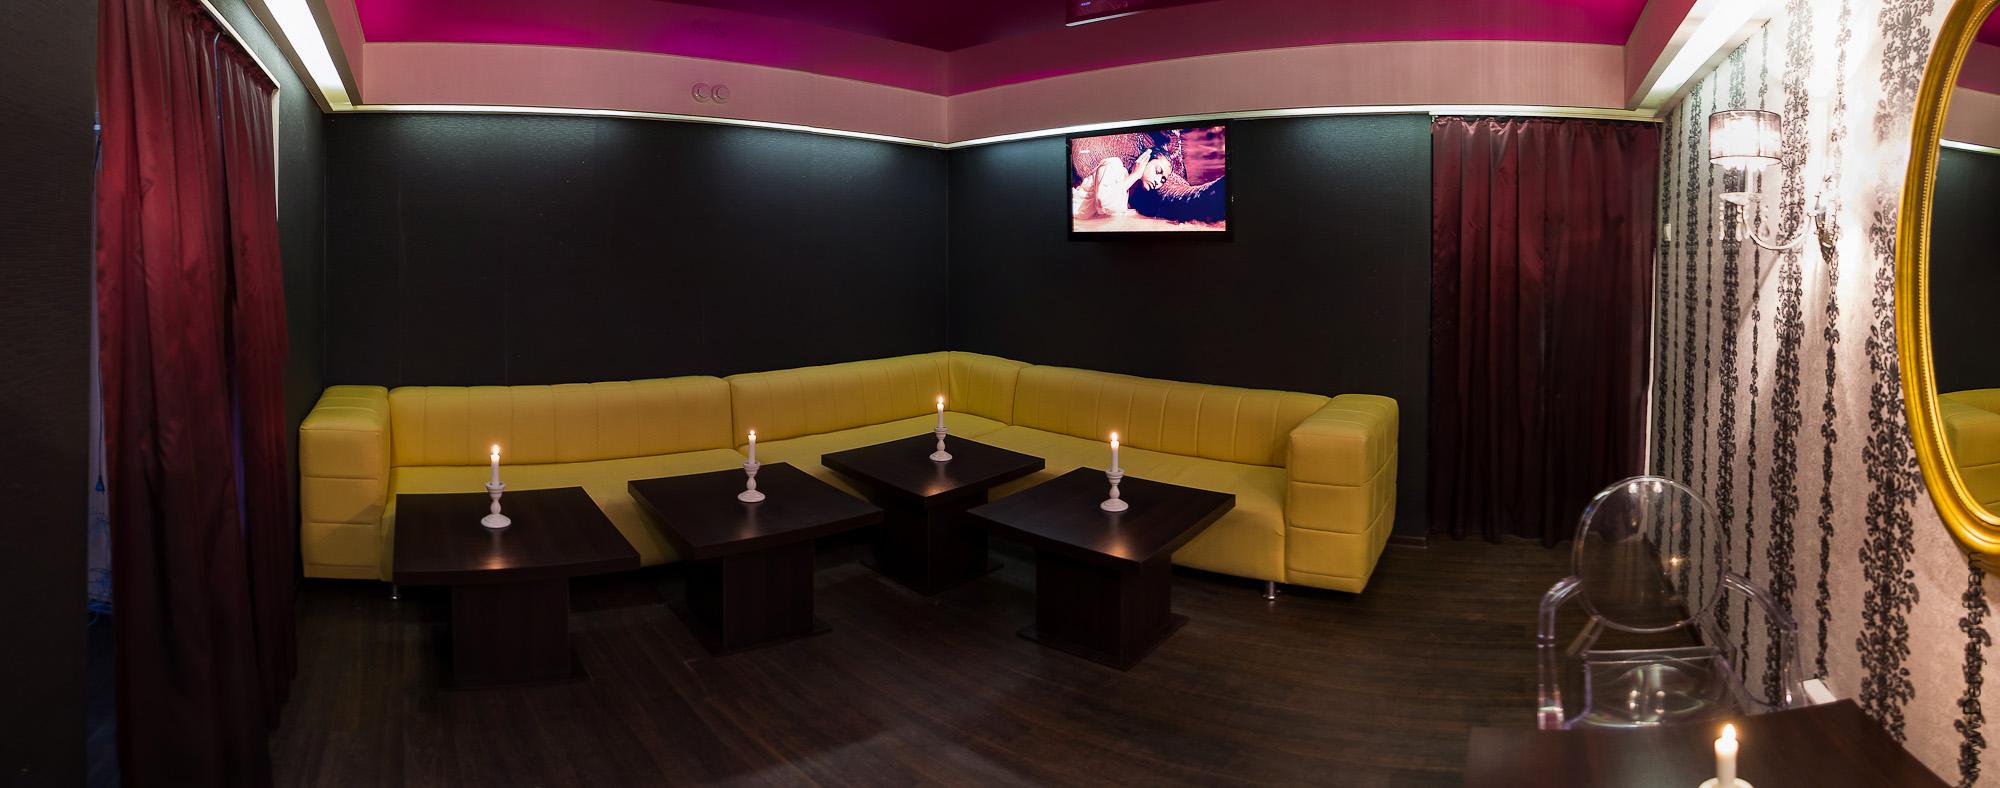 Банкетный зал в итальянском кафе